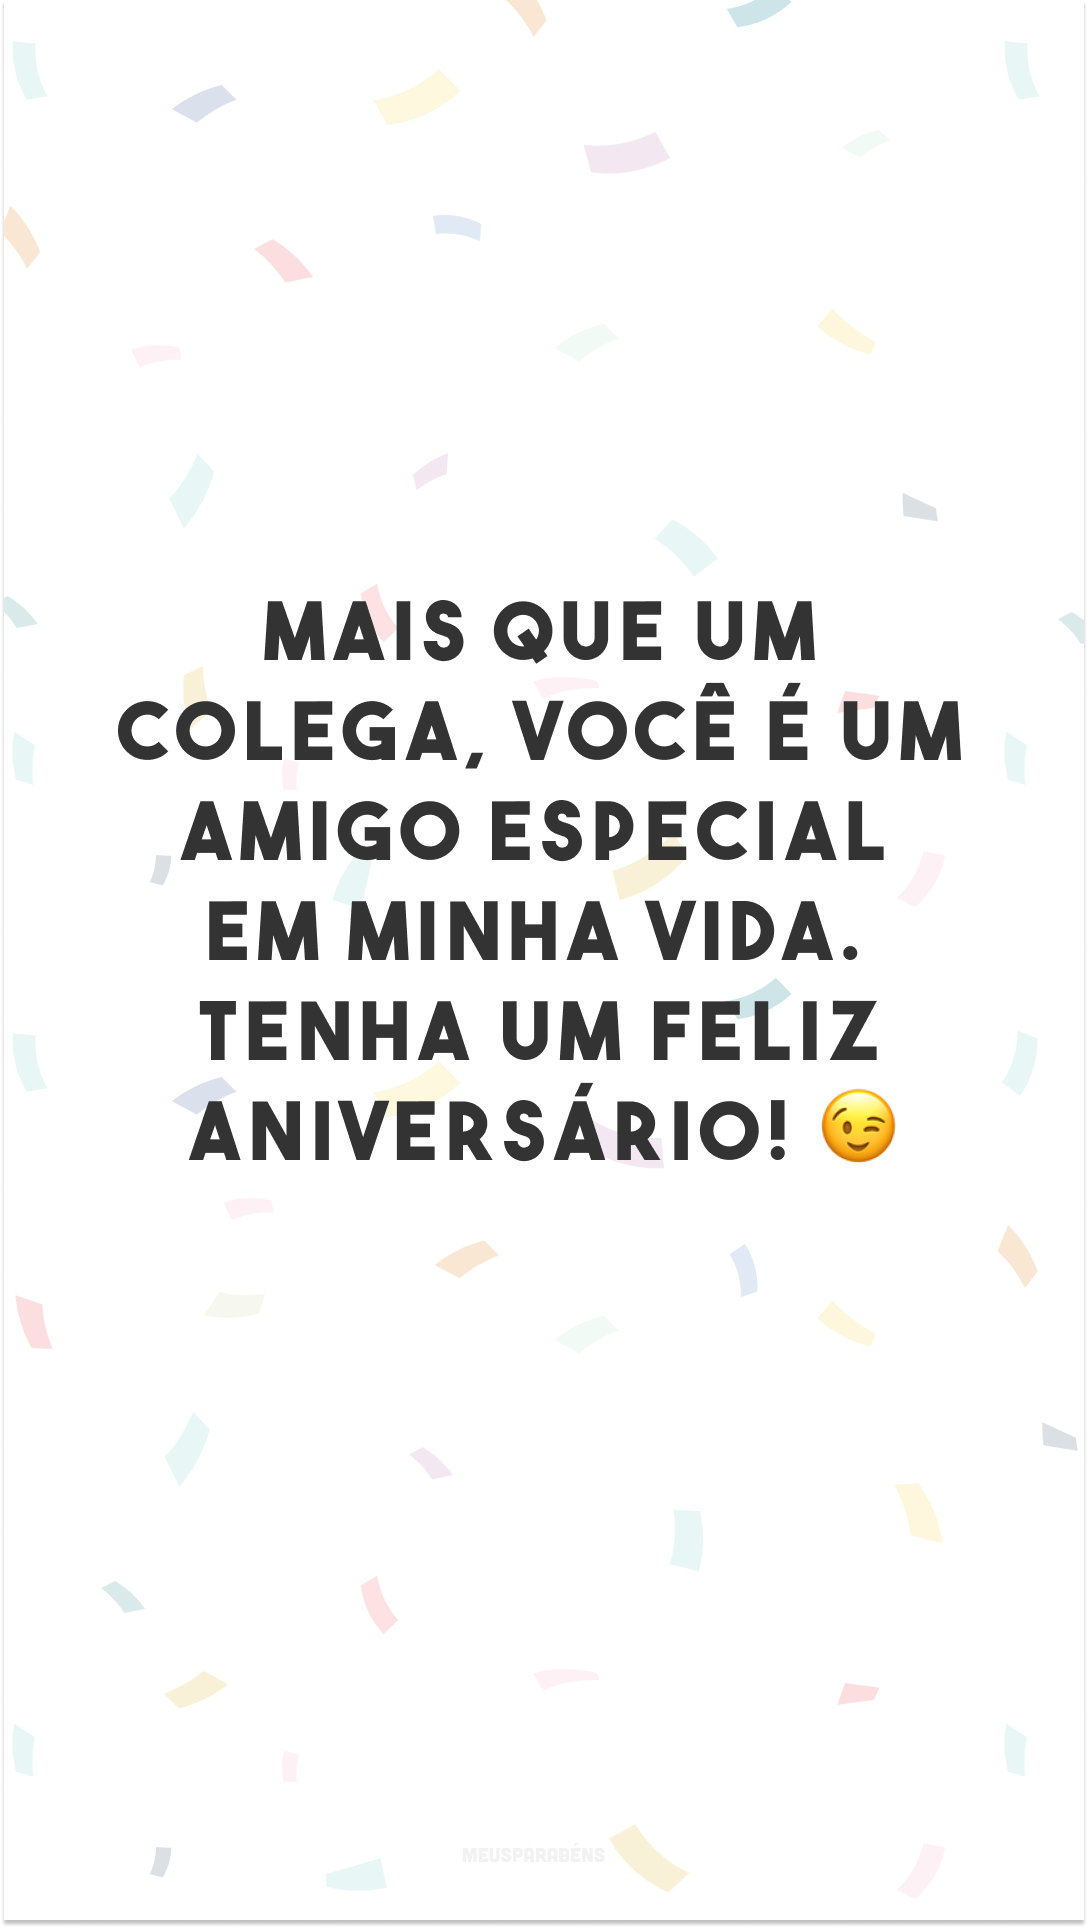 Mais que um colega, você é um amigo especial em minha vida. Tenha um feliz aniversário! 😉